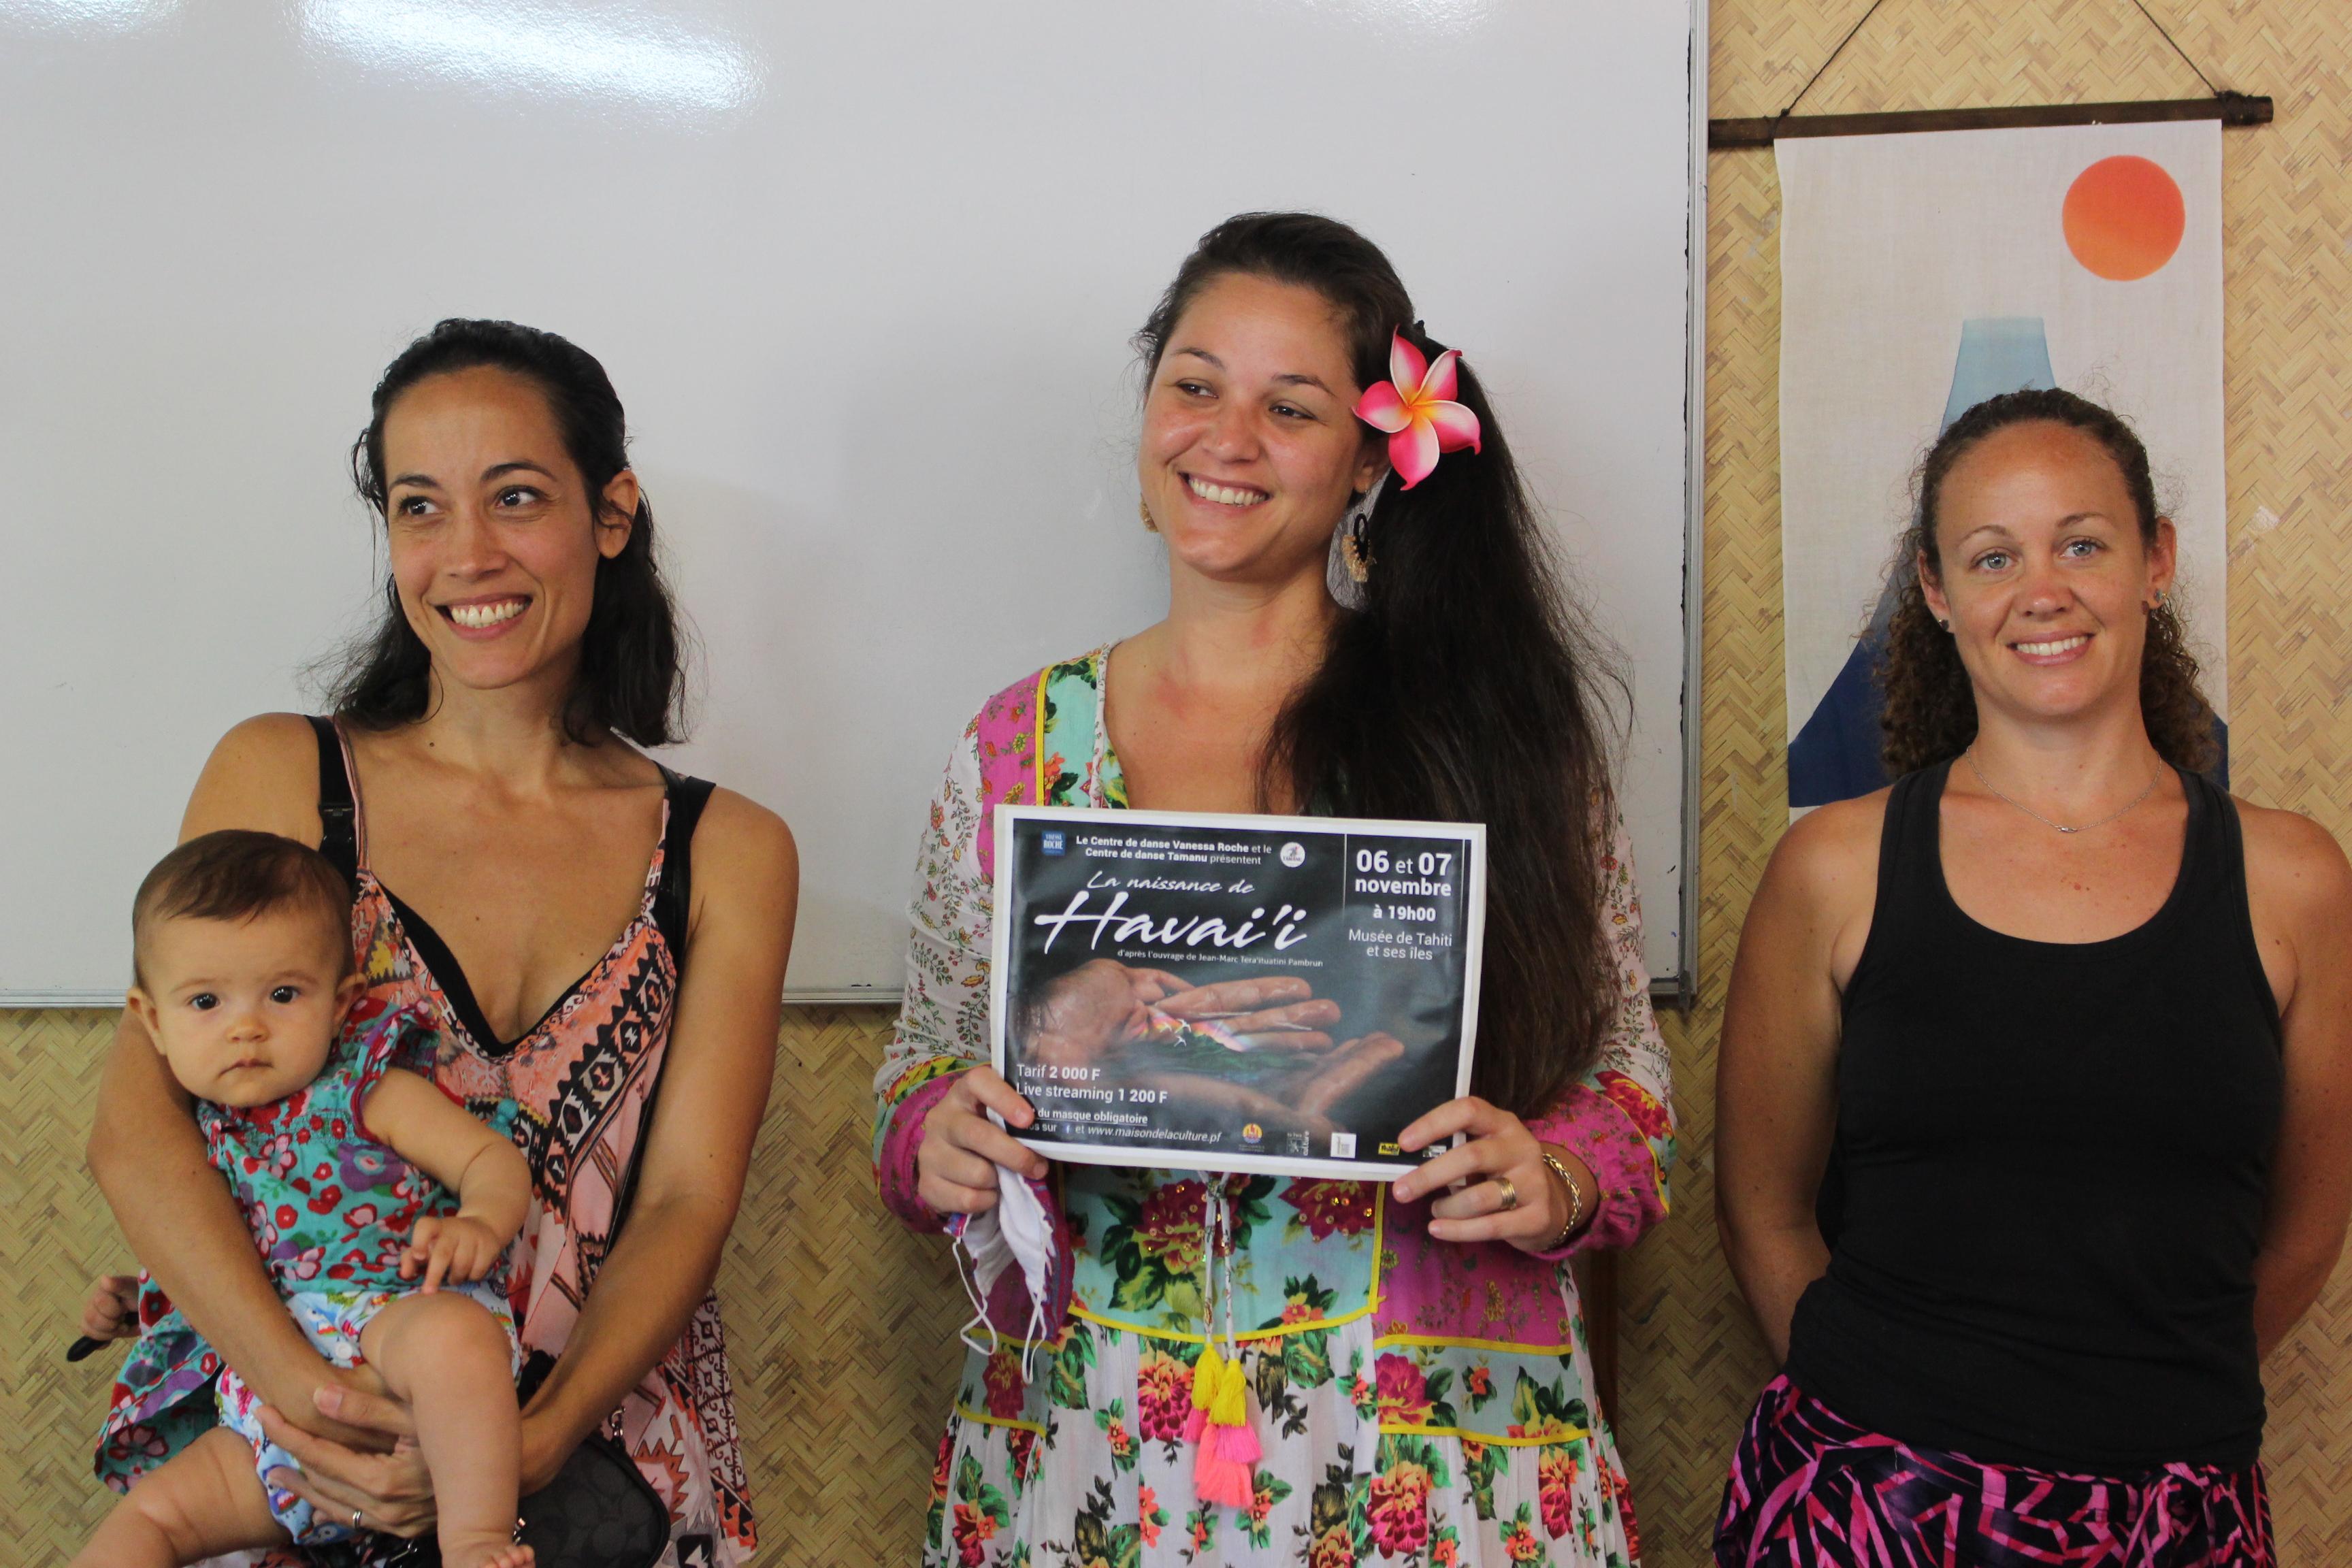 Vanessa Roche (à gauche) du centre Vanessa Roche et Solène Le Houëdec du centre Tamanu (à droite) présentant le spectacle avant les représentations de novembre.